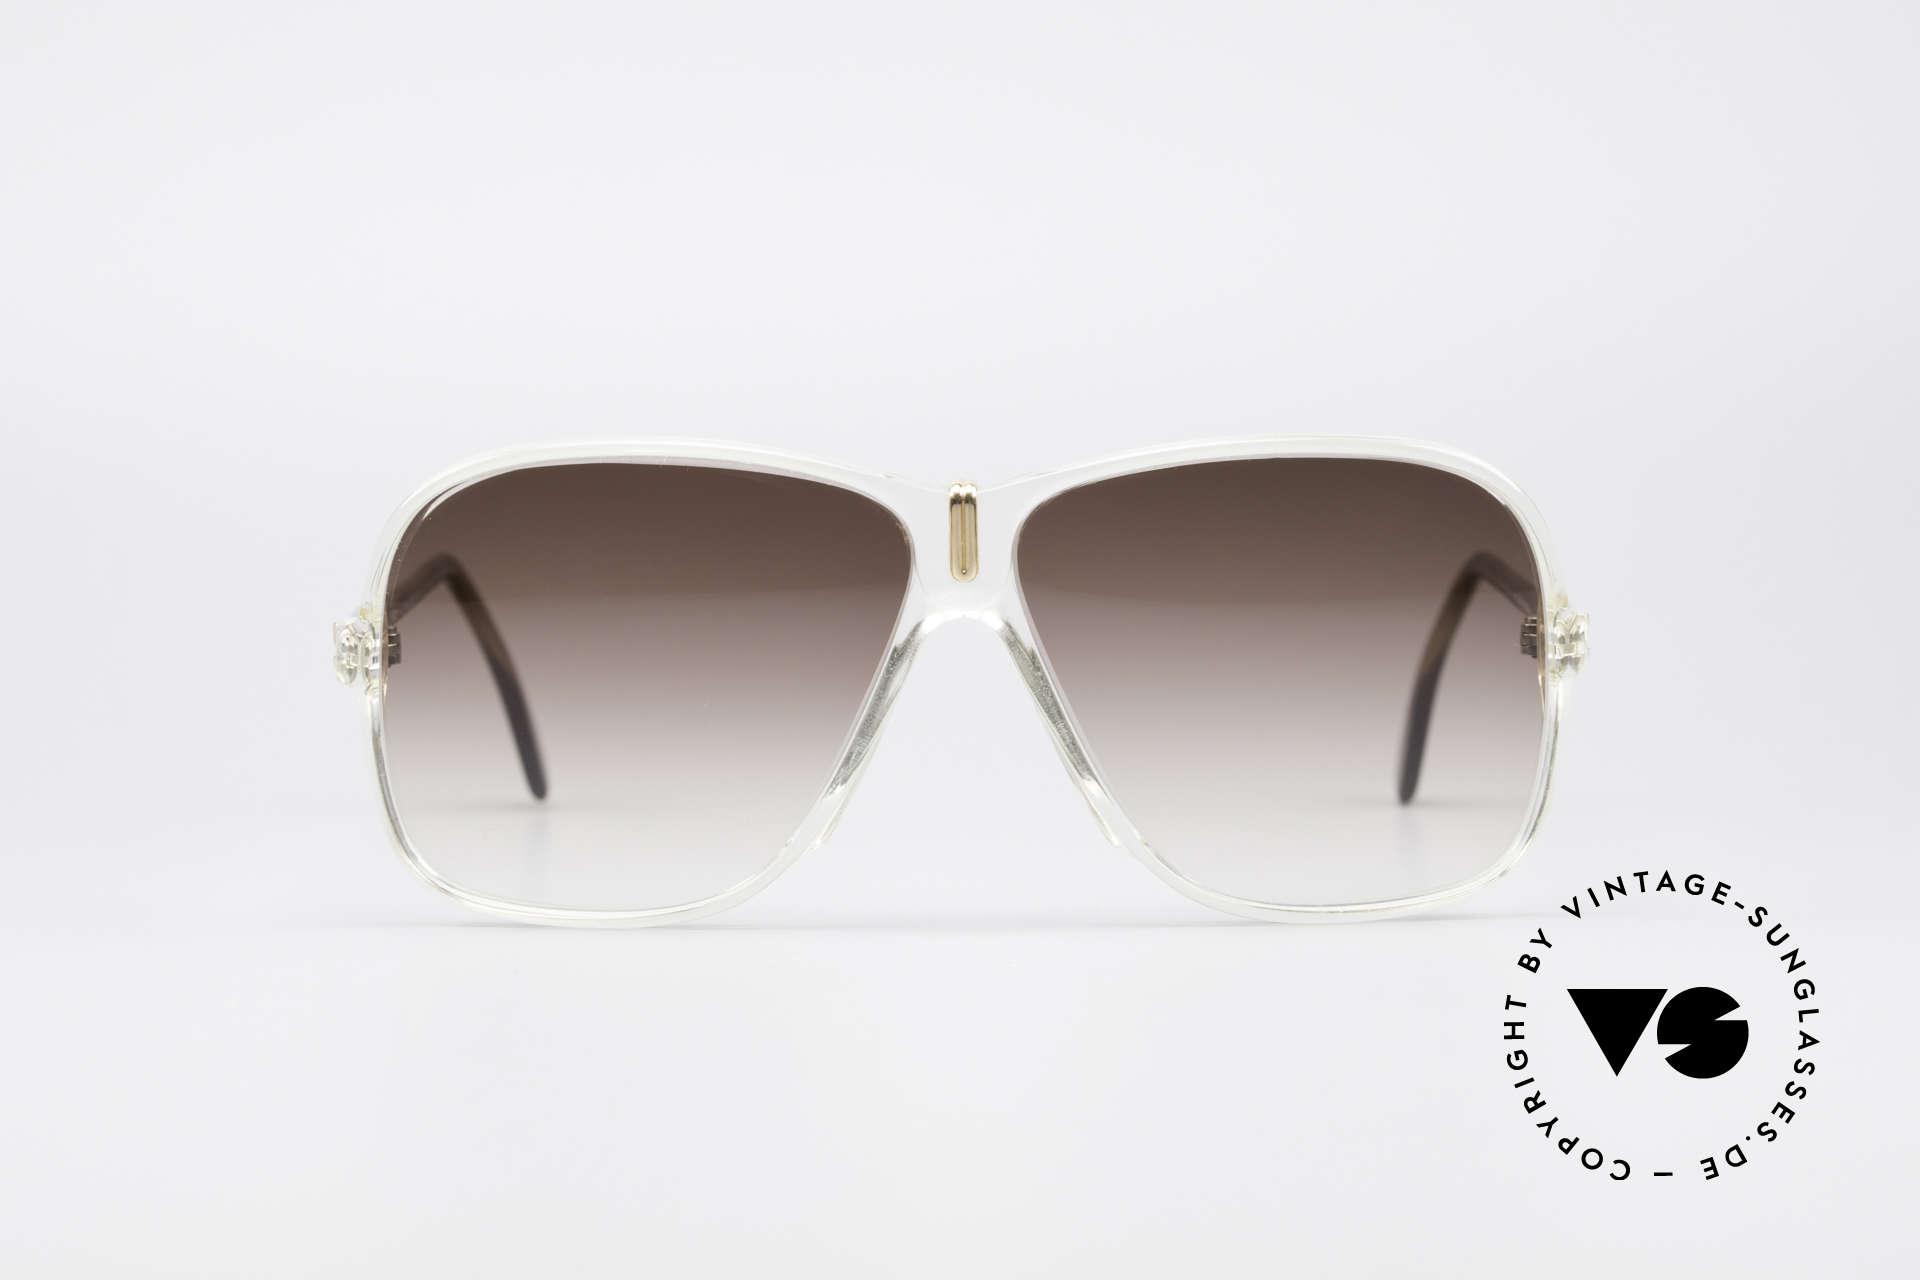 Cazal 621 West Germany Sonnenbrille, seltenes Stück (noch mit dem alten Cazal Logo), Passend für Herren